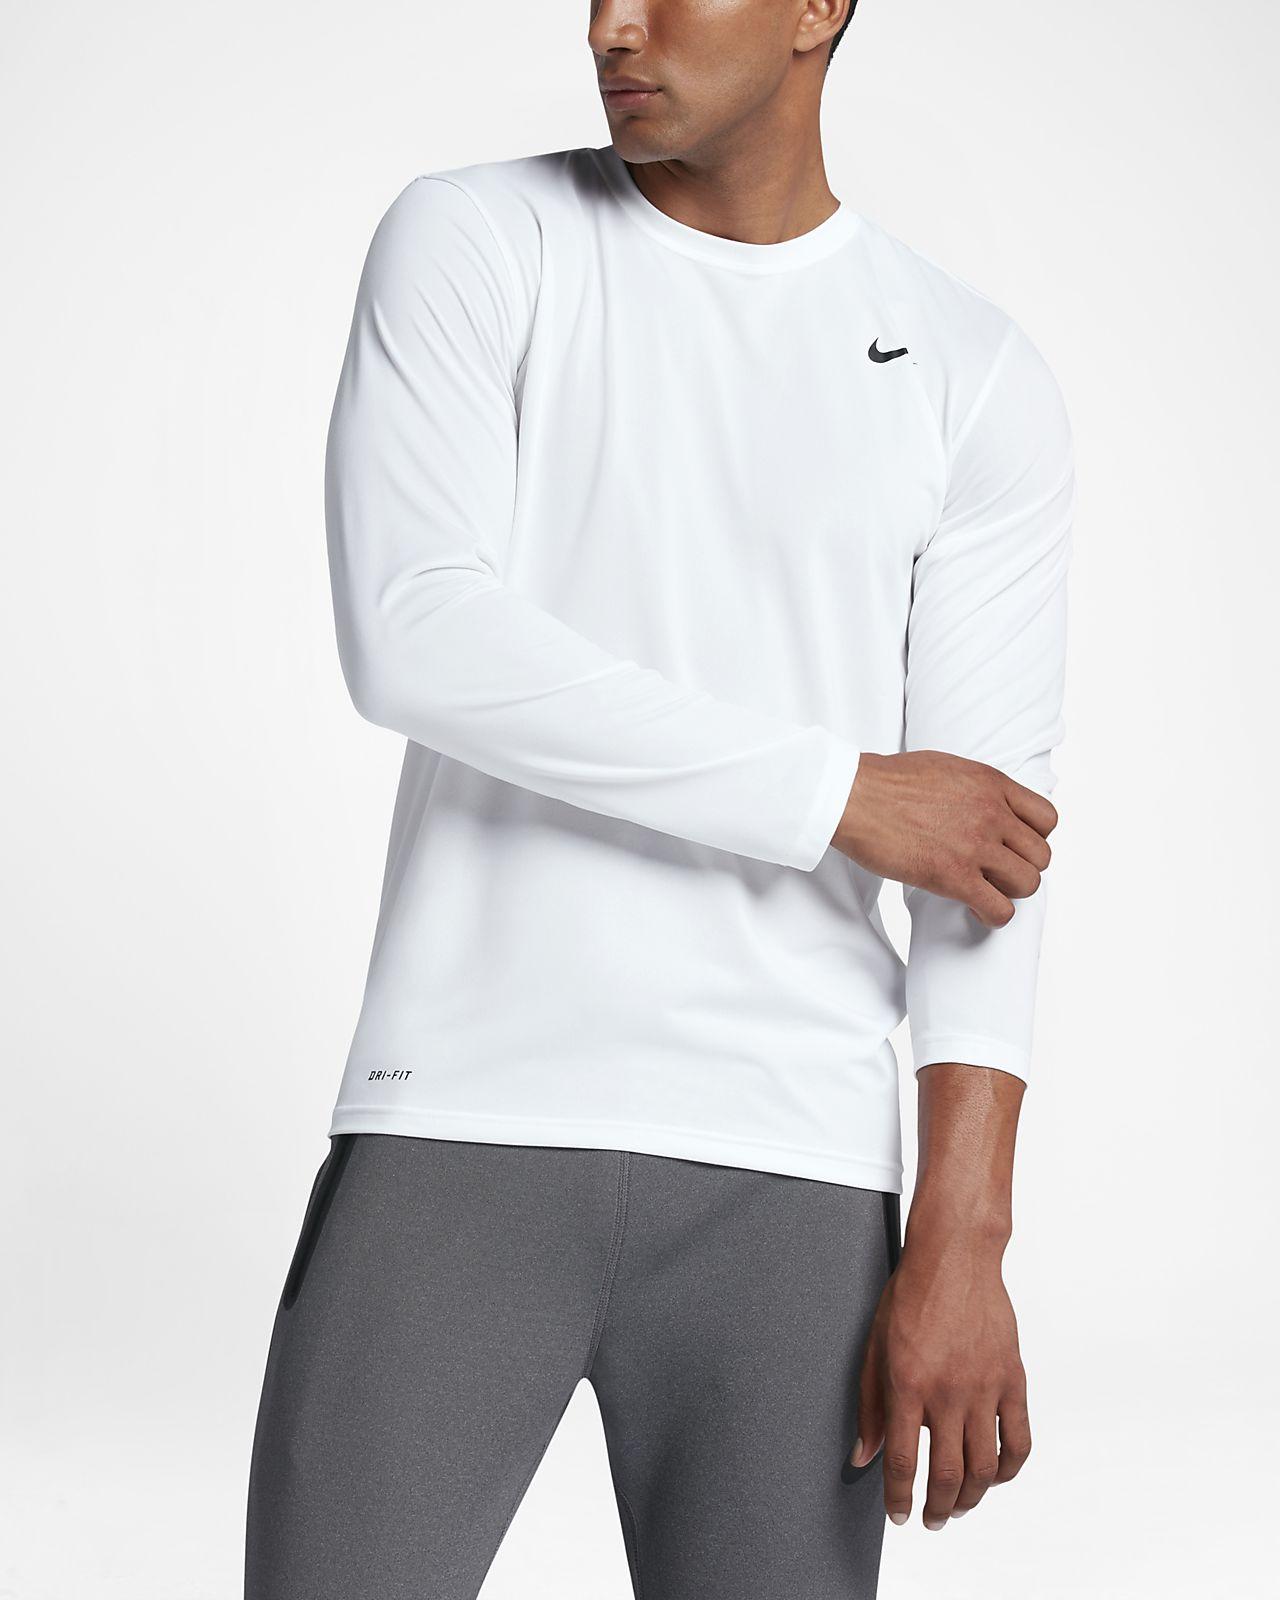 Precio reducido renombre mundial al por mayor Nike Dri-FIT Legend 2.0 Men's Long-Sleeve Training Top. Nike.com